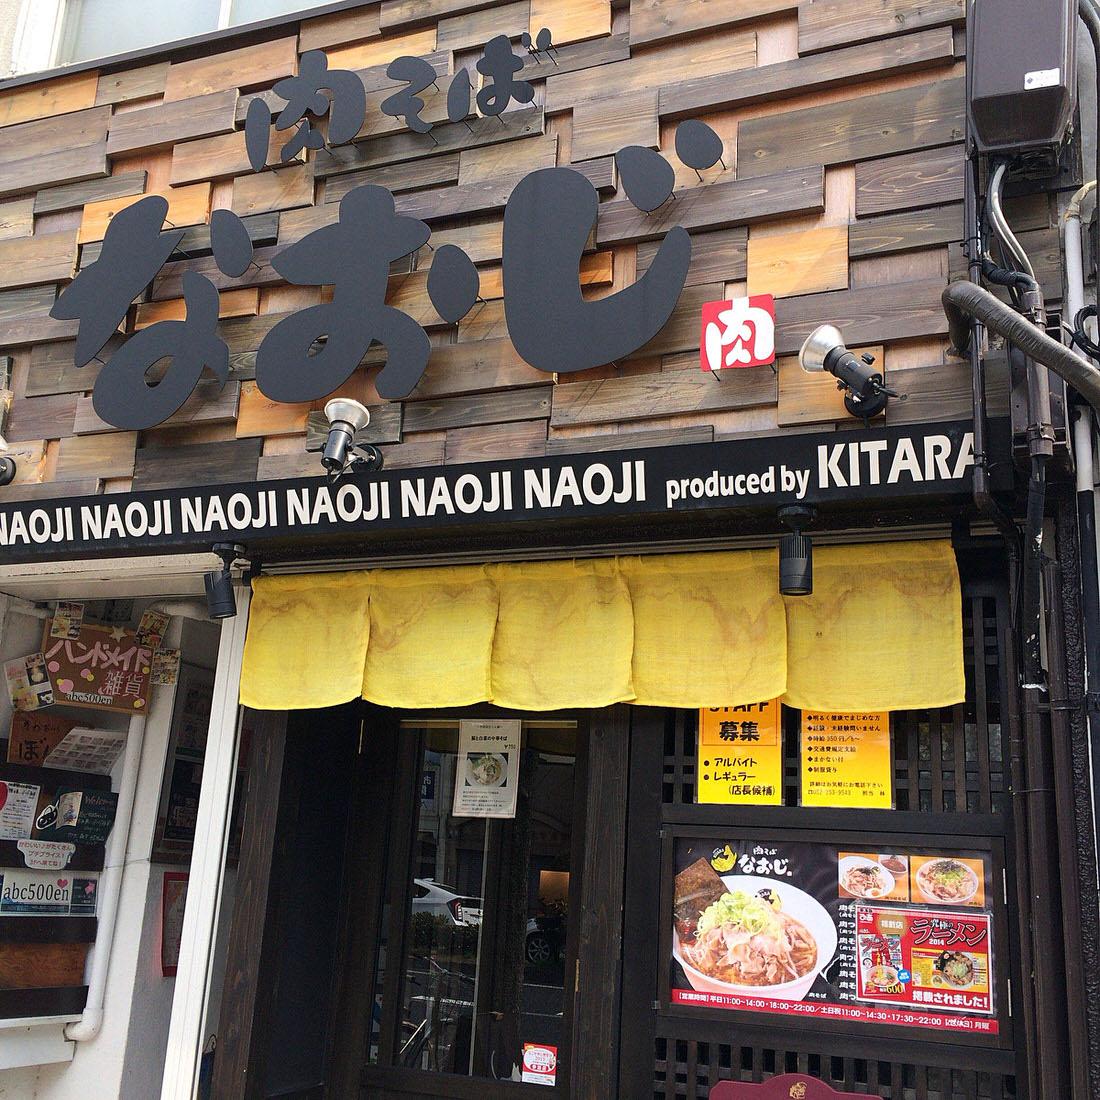 [名古屋・大須]肉そばなおじの『肉つけそば』は豚肉の旨味を存分に楽しめる!